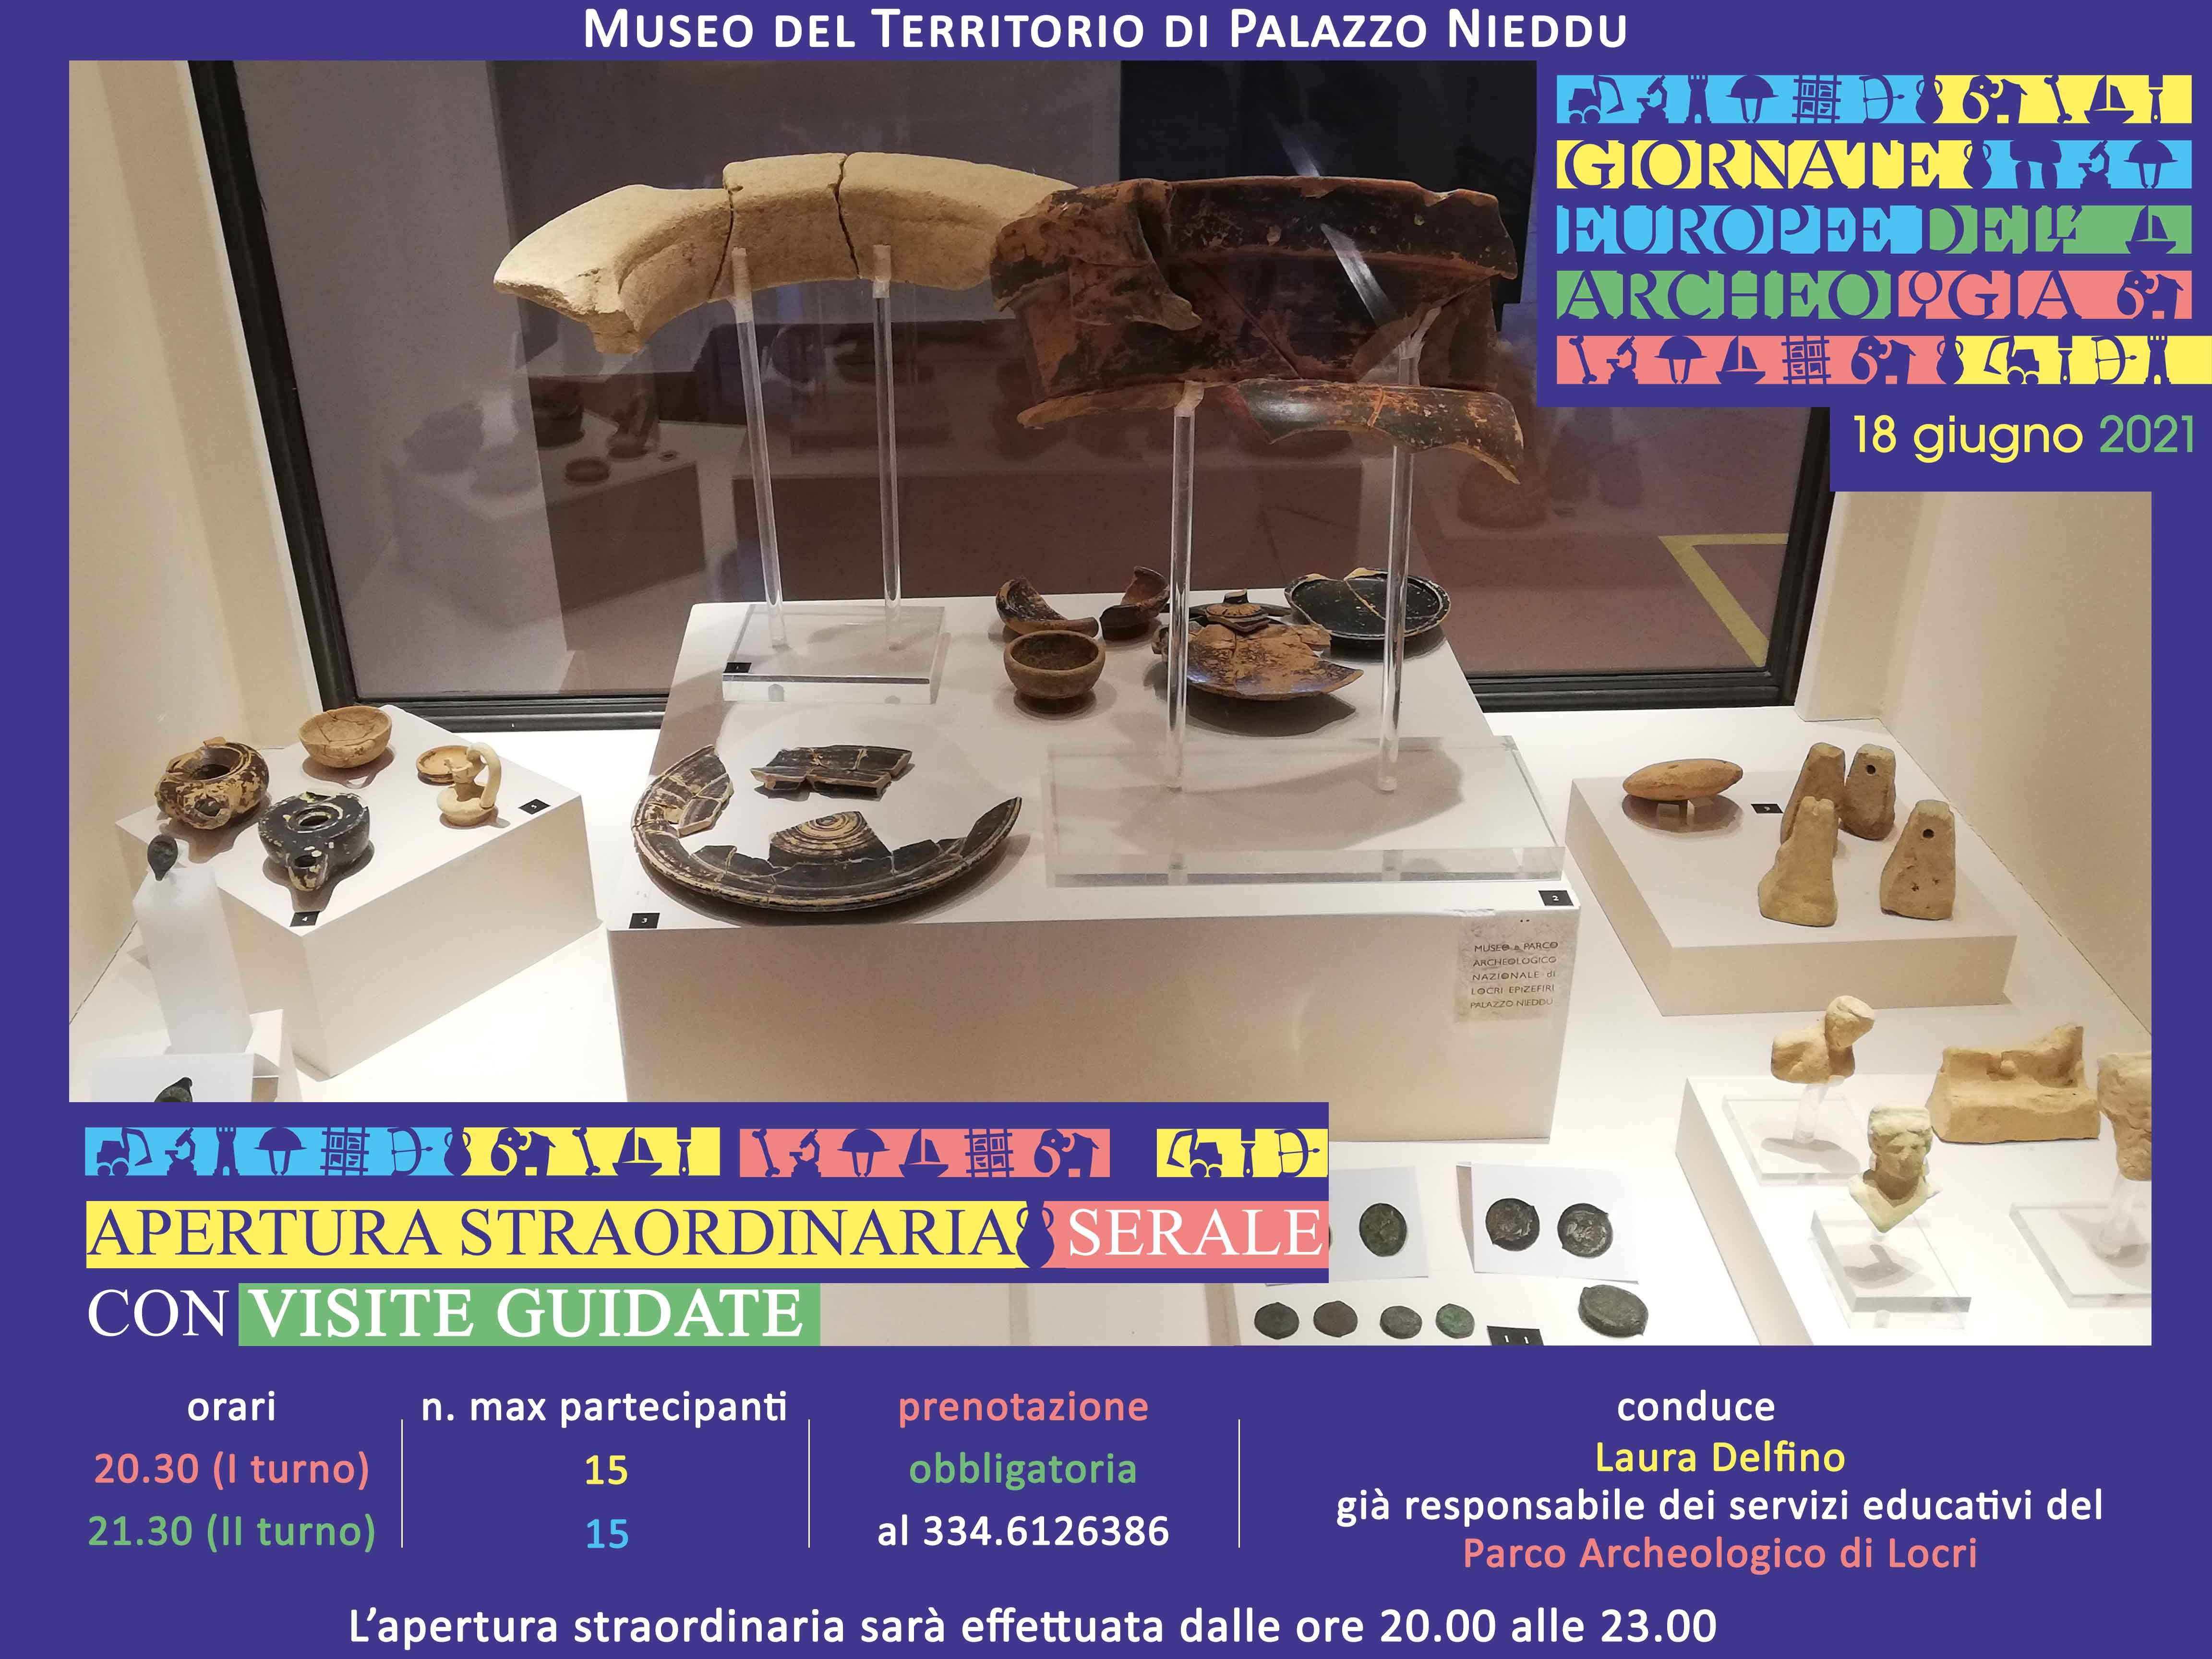 Giornate europee dell'archeologia 2021 - Apertura serale straordinaria con visite guidate al Museo di Palazzo Nieddu